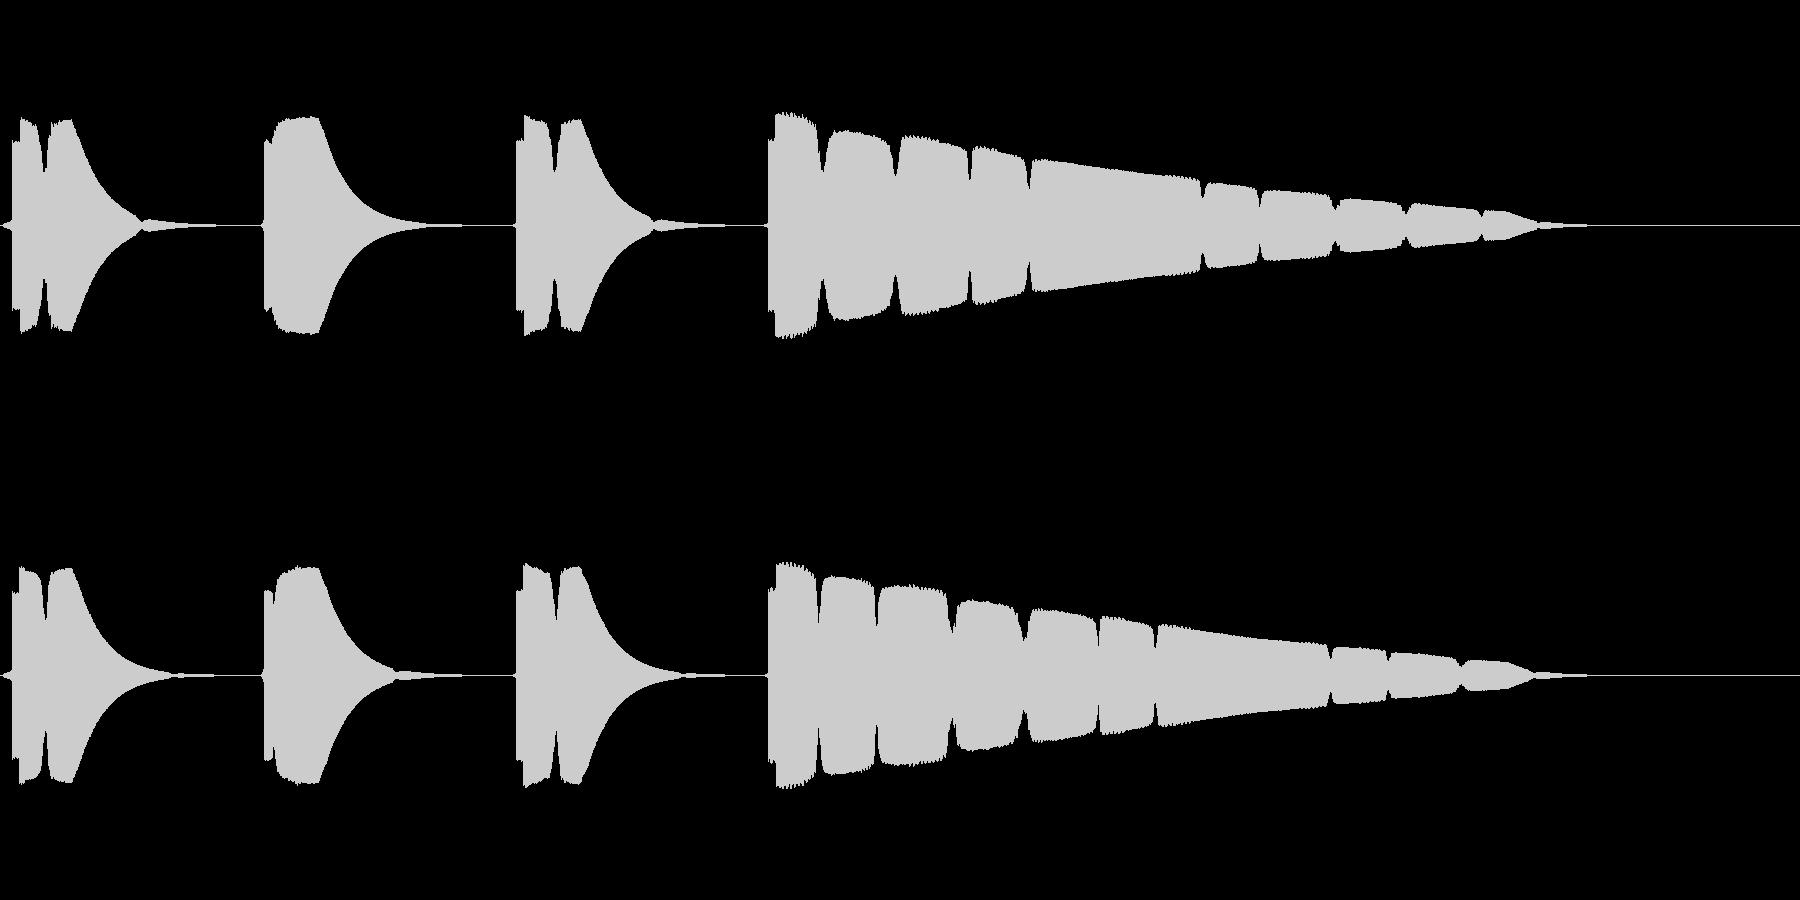 プップップッポーン(カウント音、早め)の未再生の波形